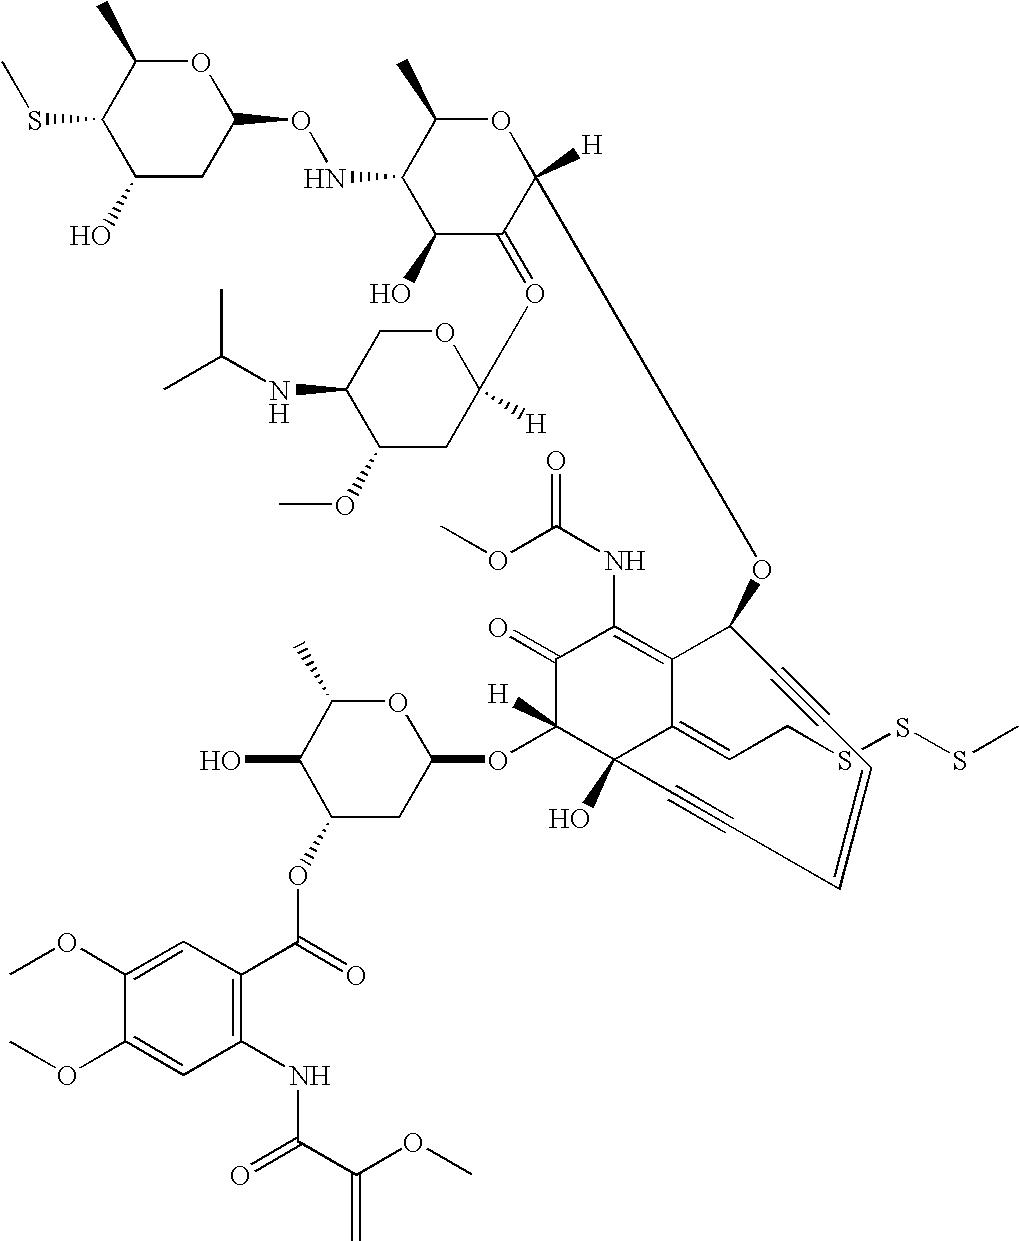 Figure US07173003-20070206-C00071